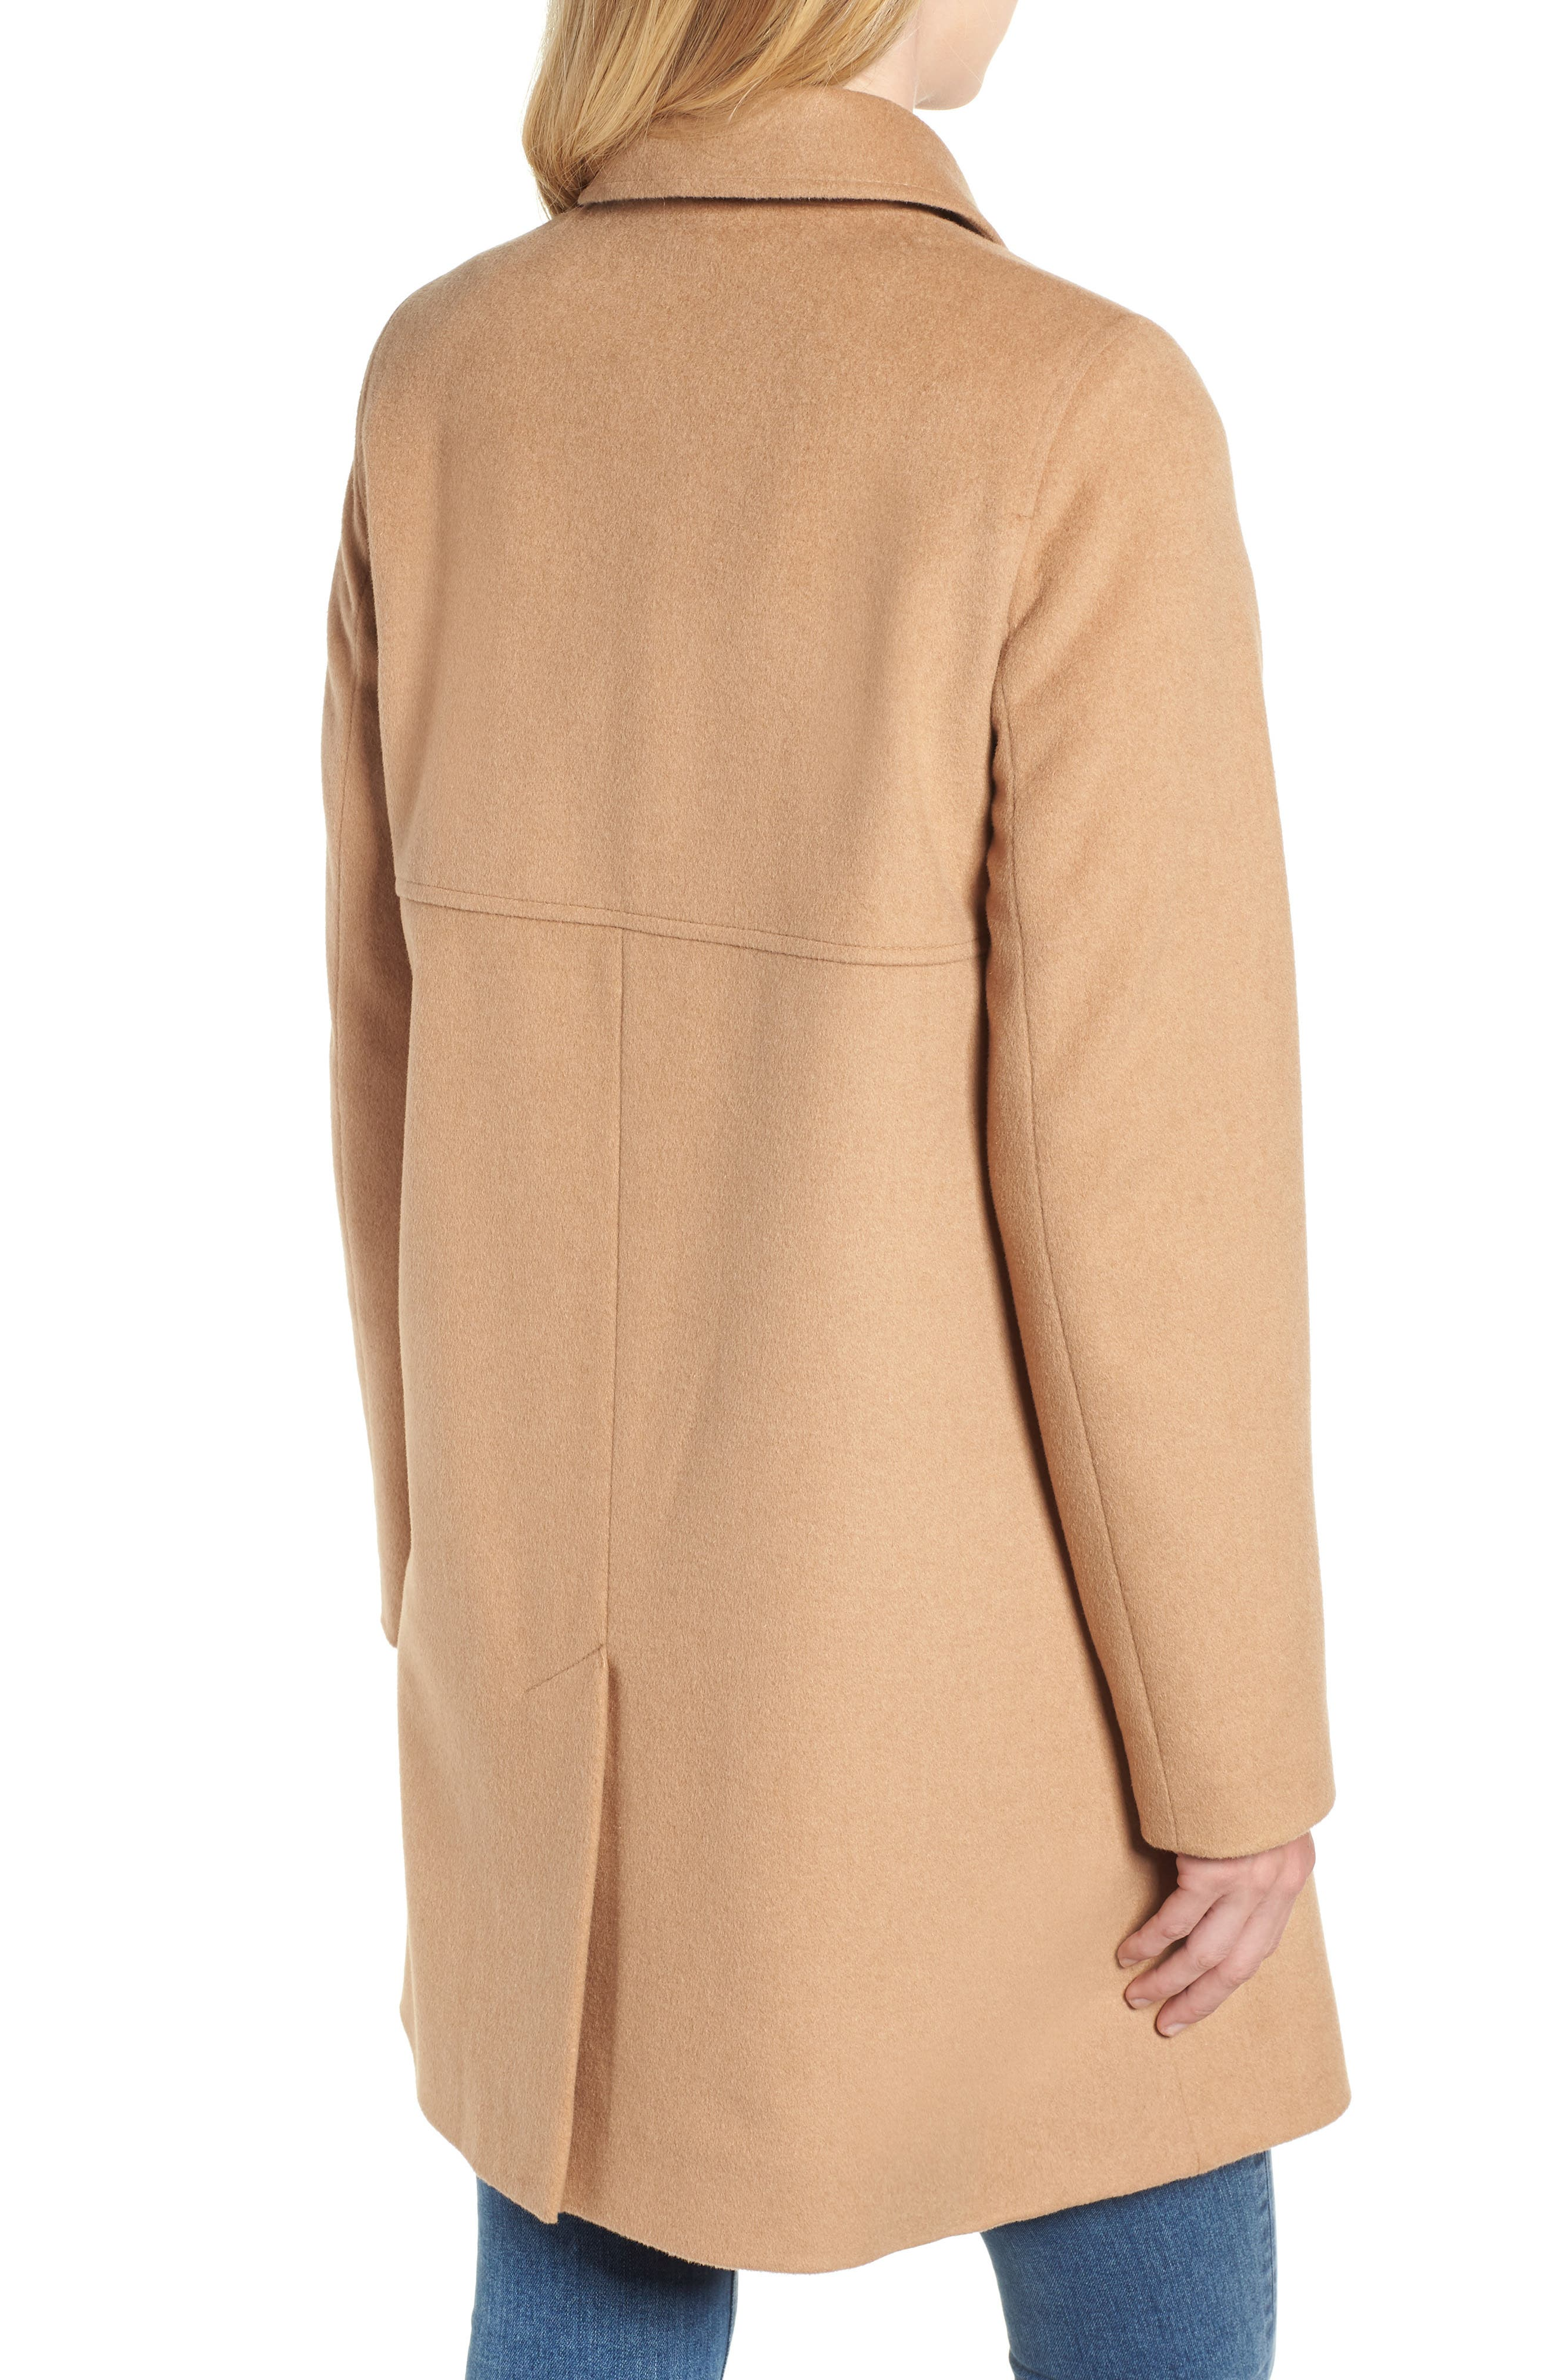 KRISTEN BLAKE, Wool Walking Coat, Alternate thumbnail 2, color, CAMEL